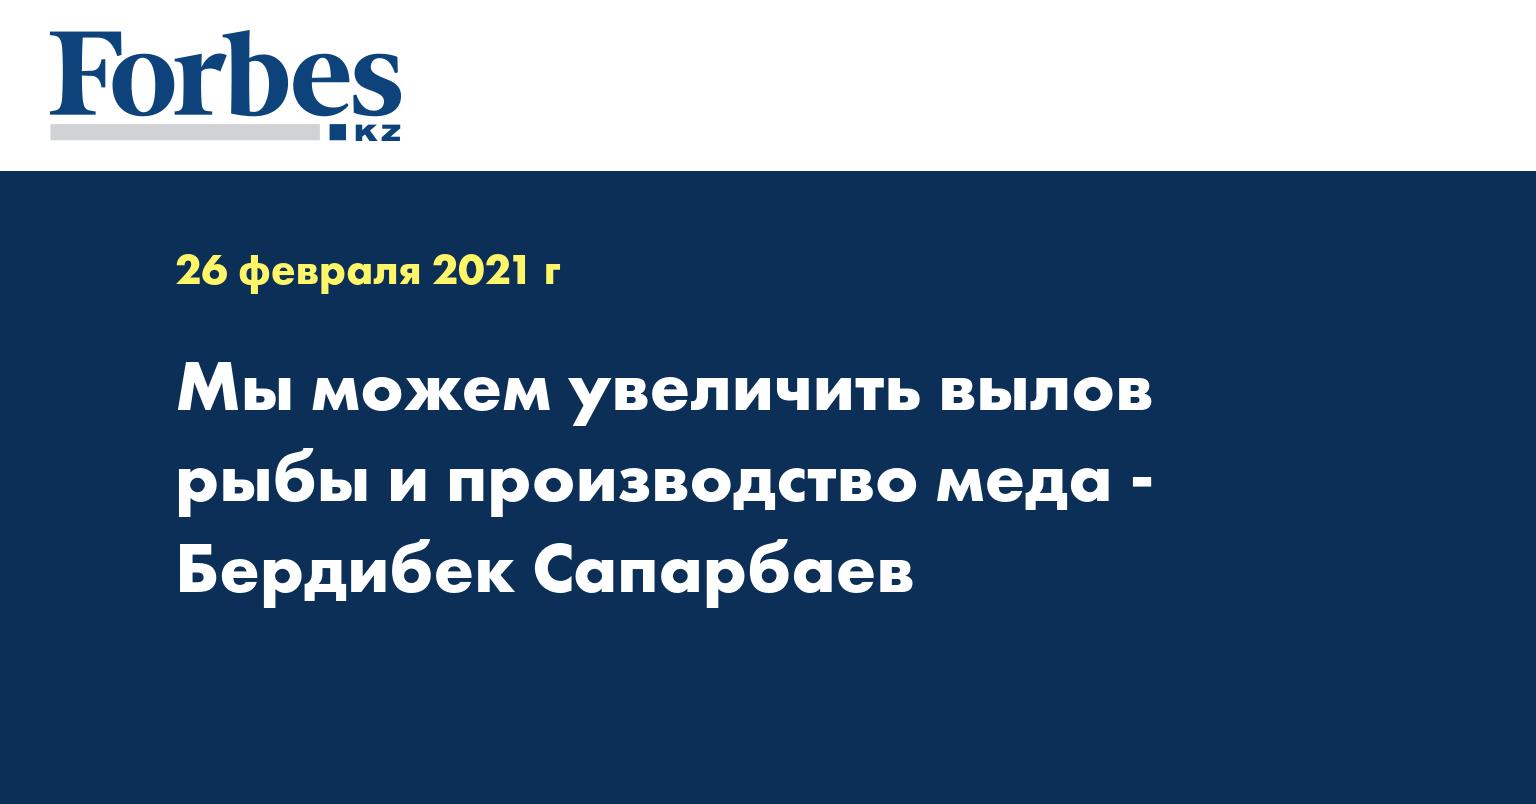 Мы можем увеличить вылов рыбы и производство меда - Бердибек Сапарбаев